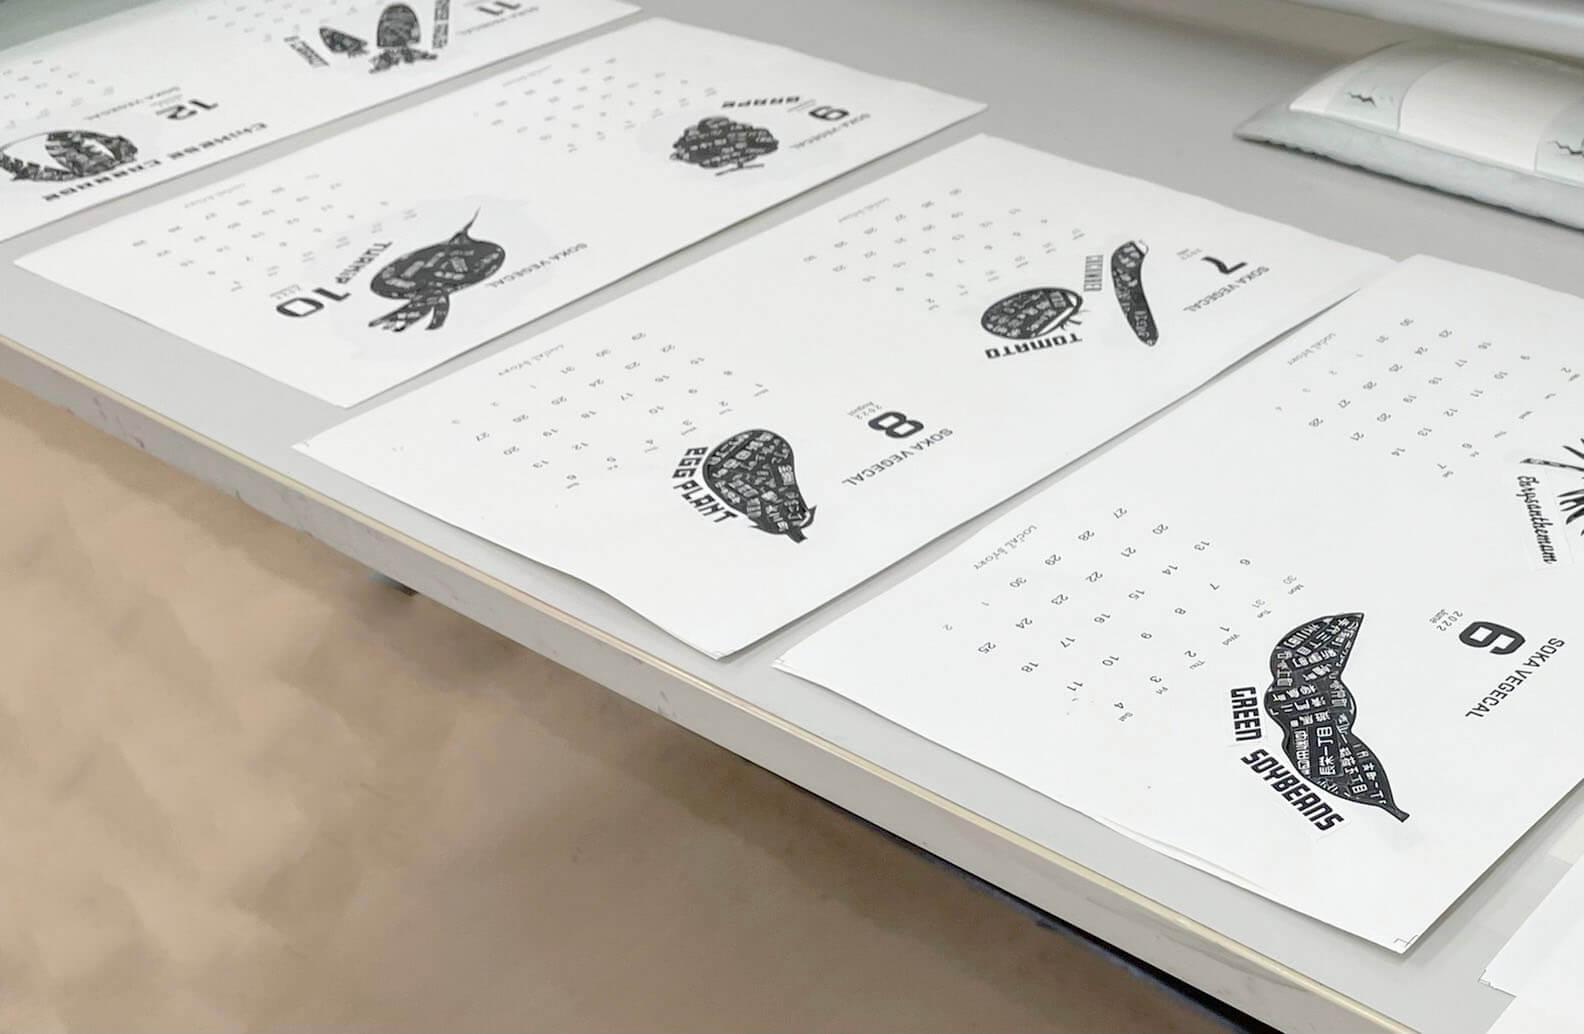 ローカルWEBメディア・地域サイト 草加ローカルストーリー 草加リソグラフ部 草加野菜カレンダーワークショップ 原画